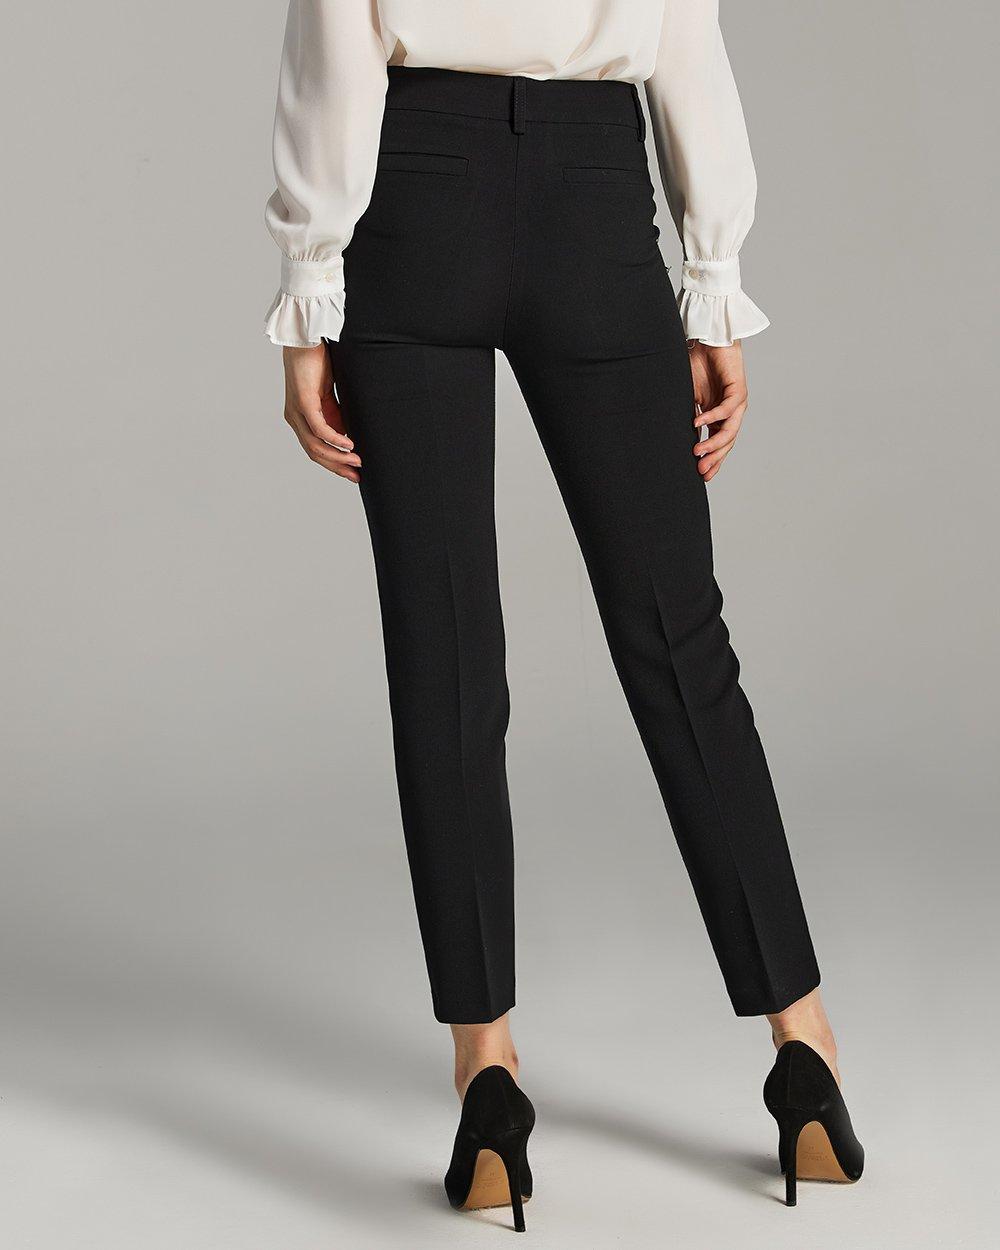 Παντελόνι σε στενή γραμμή με χρυσά κουμπιά